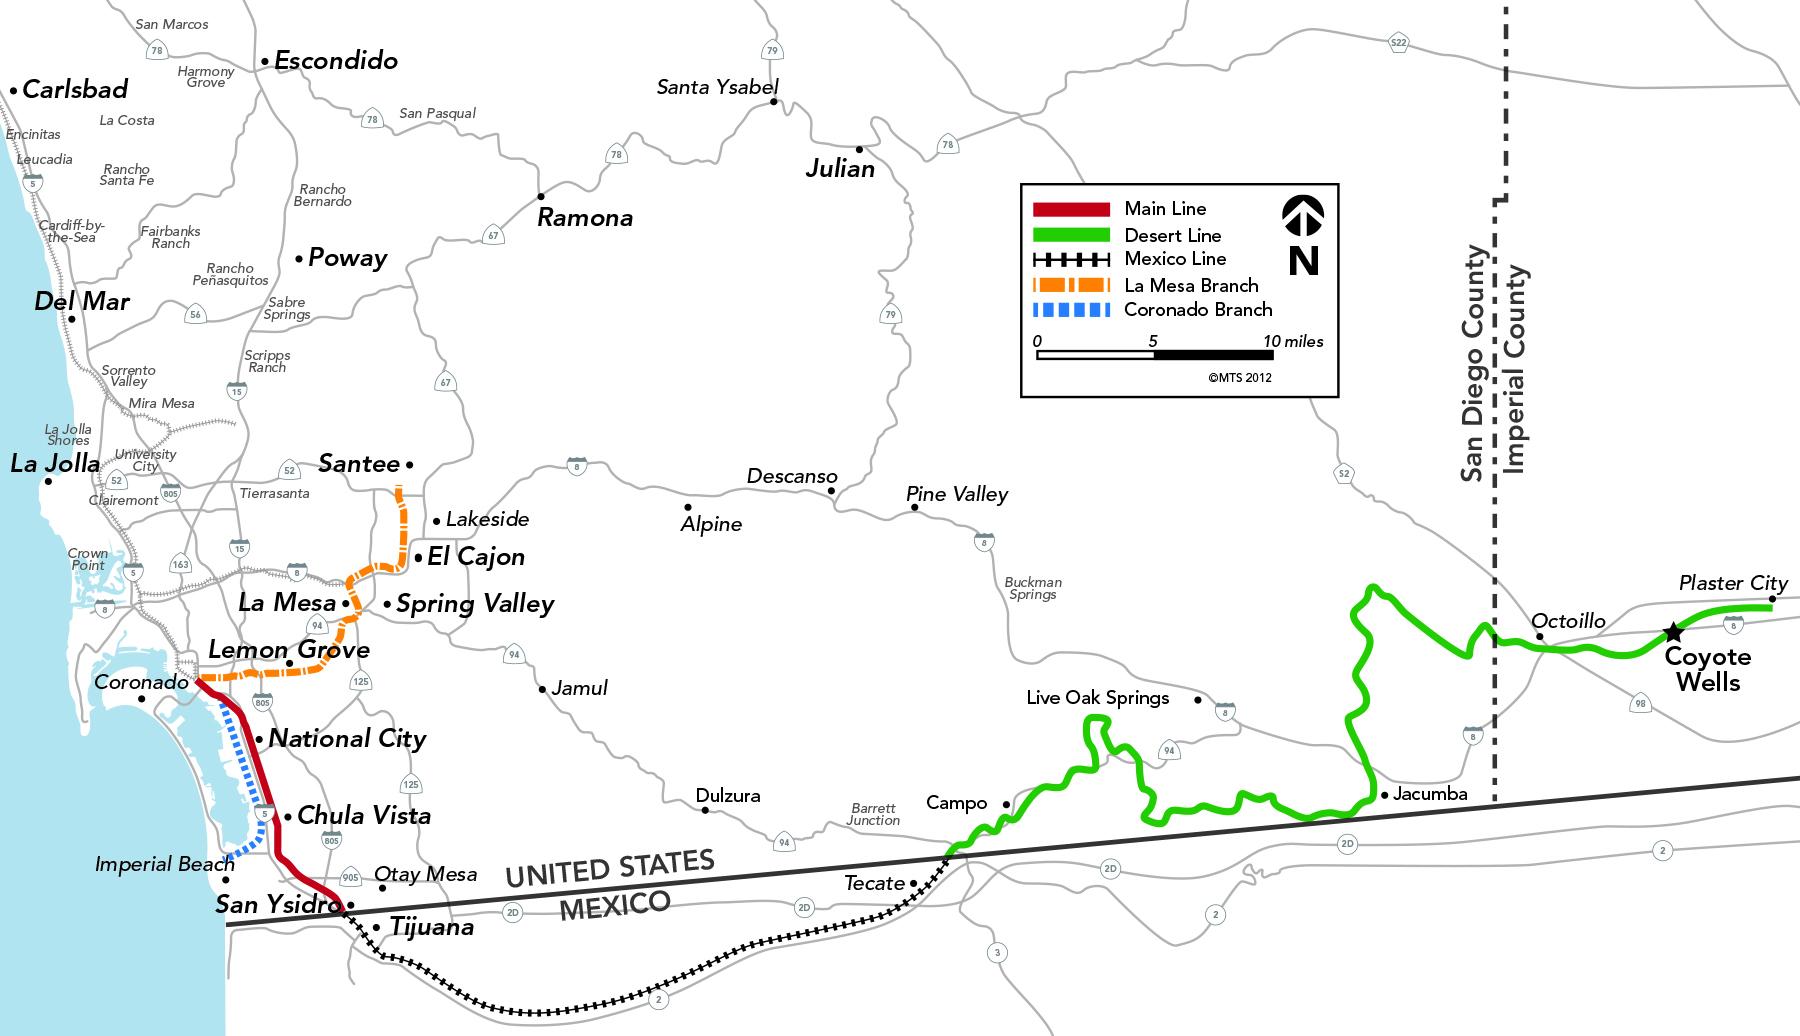 Mts Cheers Deal To Rebuild Desert Line Railway For Tijuana